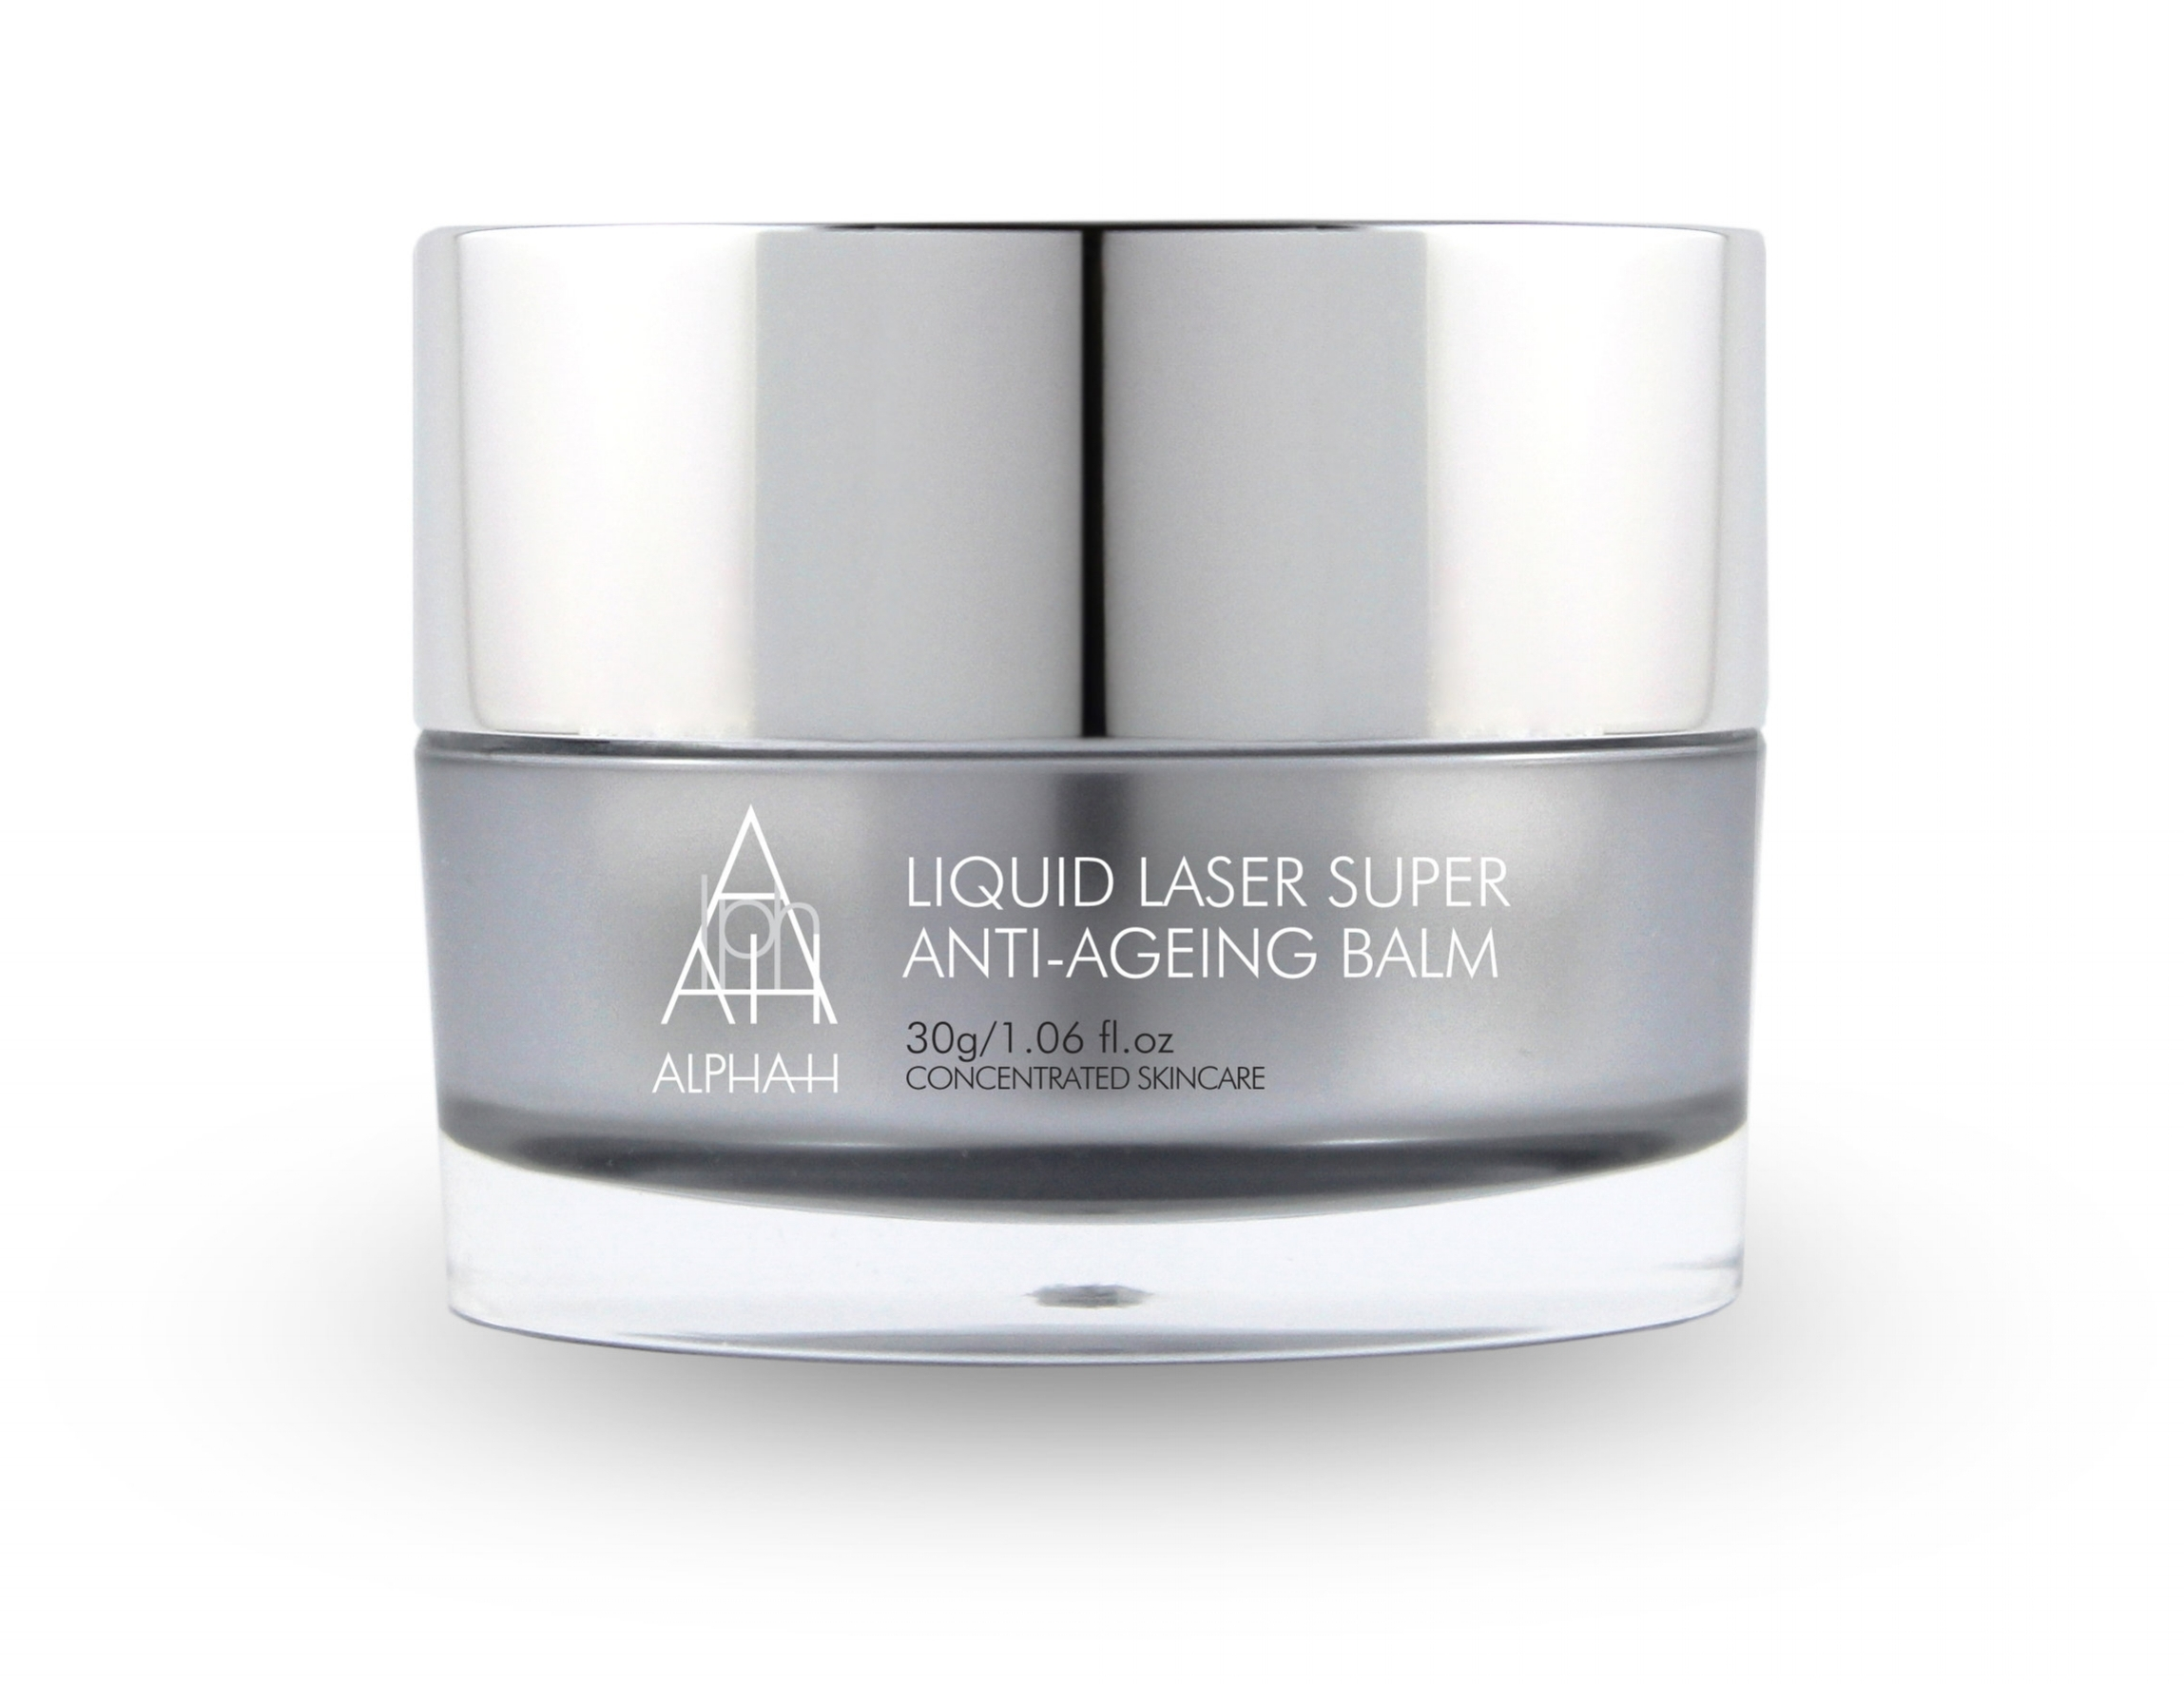 Alpha H liquid laser anti ageing balm